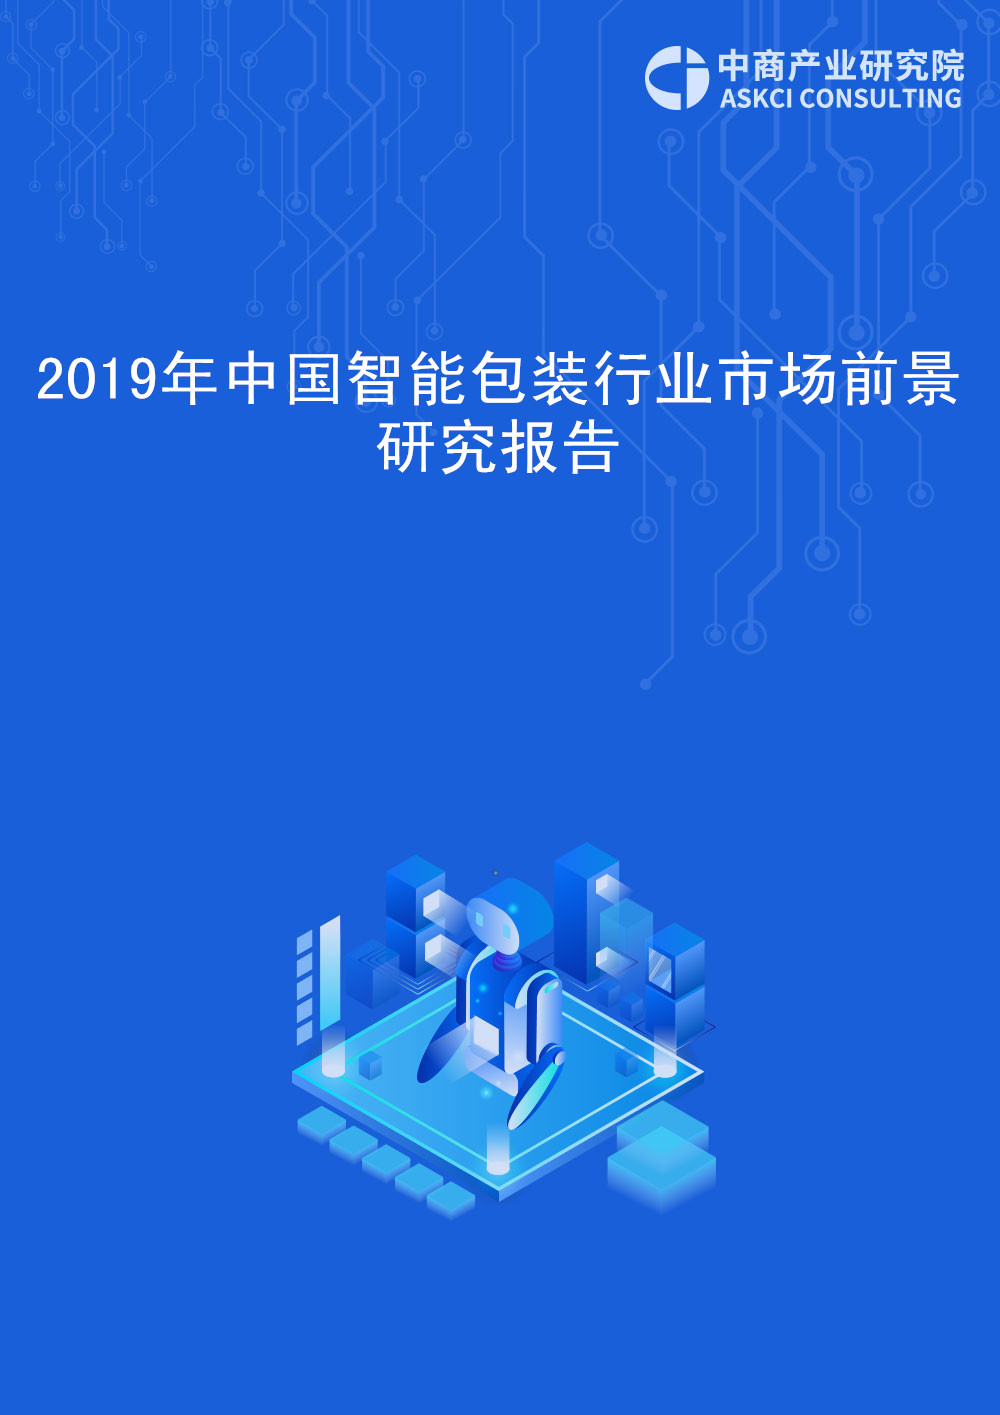 2019年中國智能包裝行業市場前景研究報告